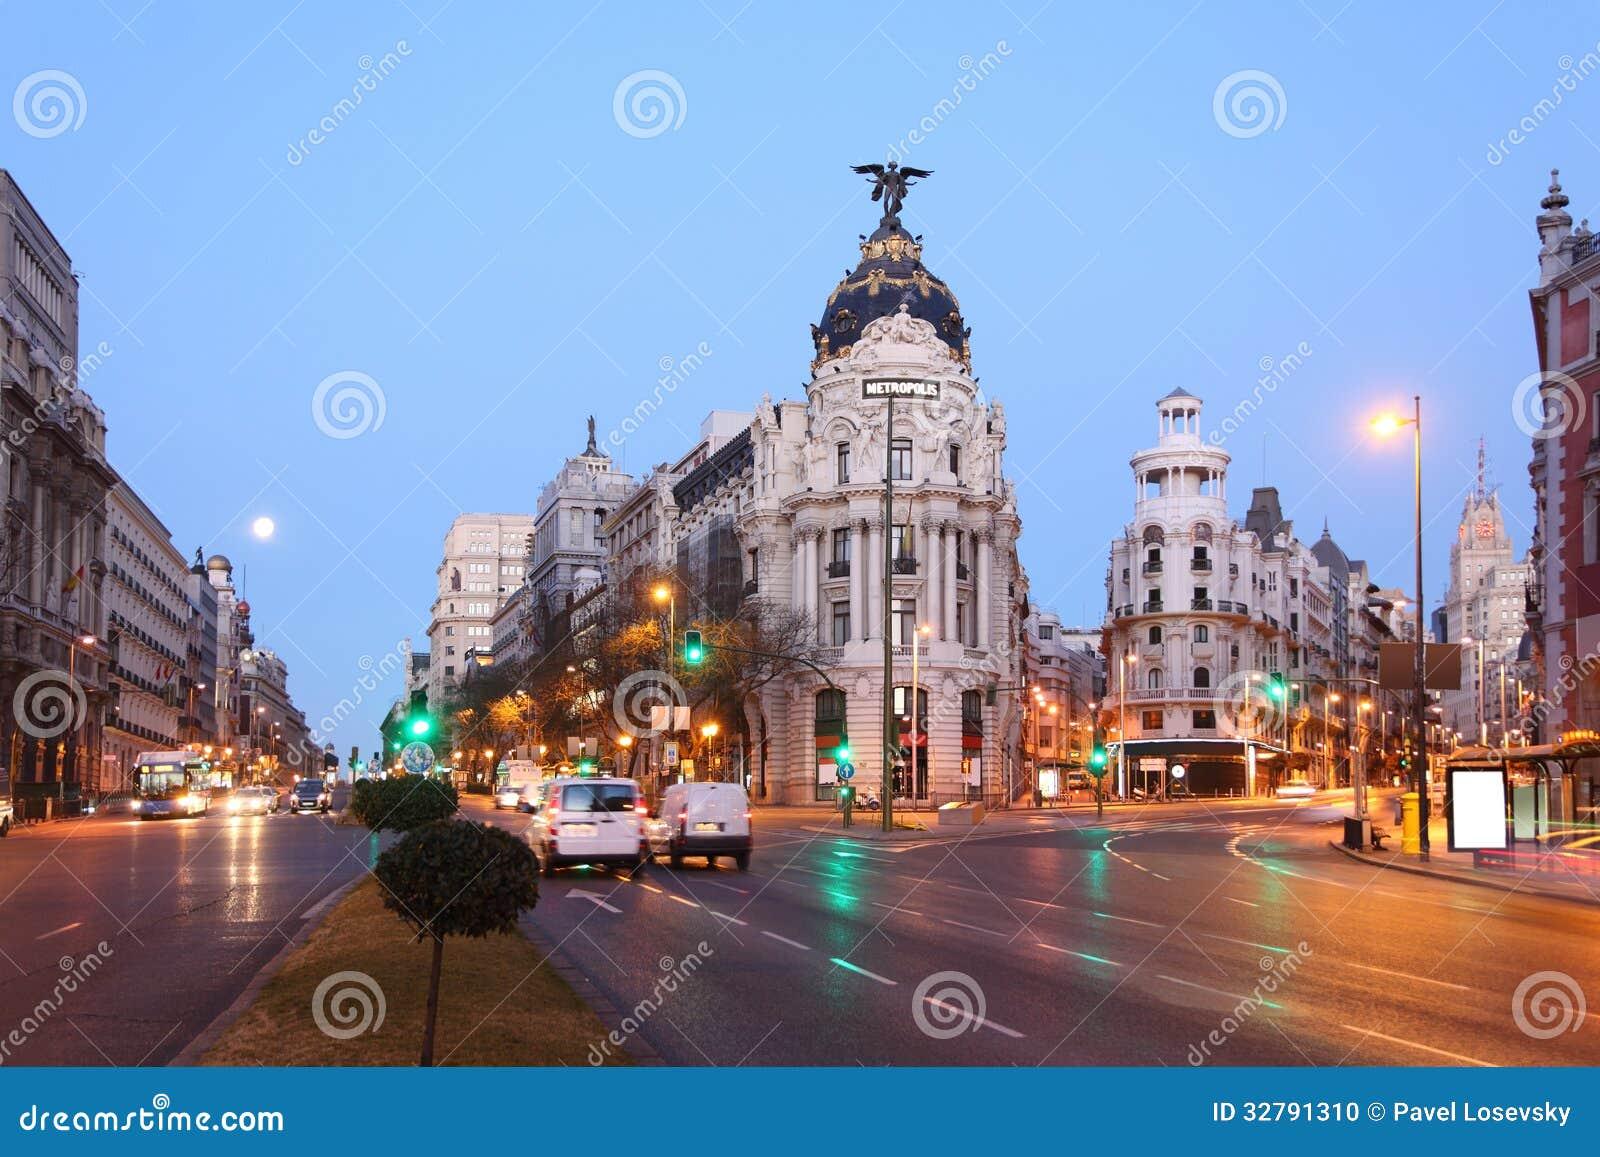 Μητρόπολη Edifisio που στηρίζεται σε Gran μέσω της οδού στη Μαδρίτη